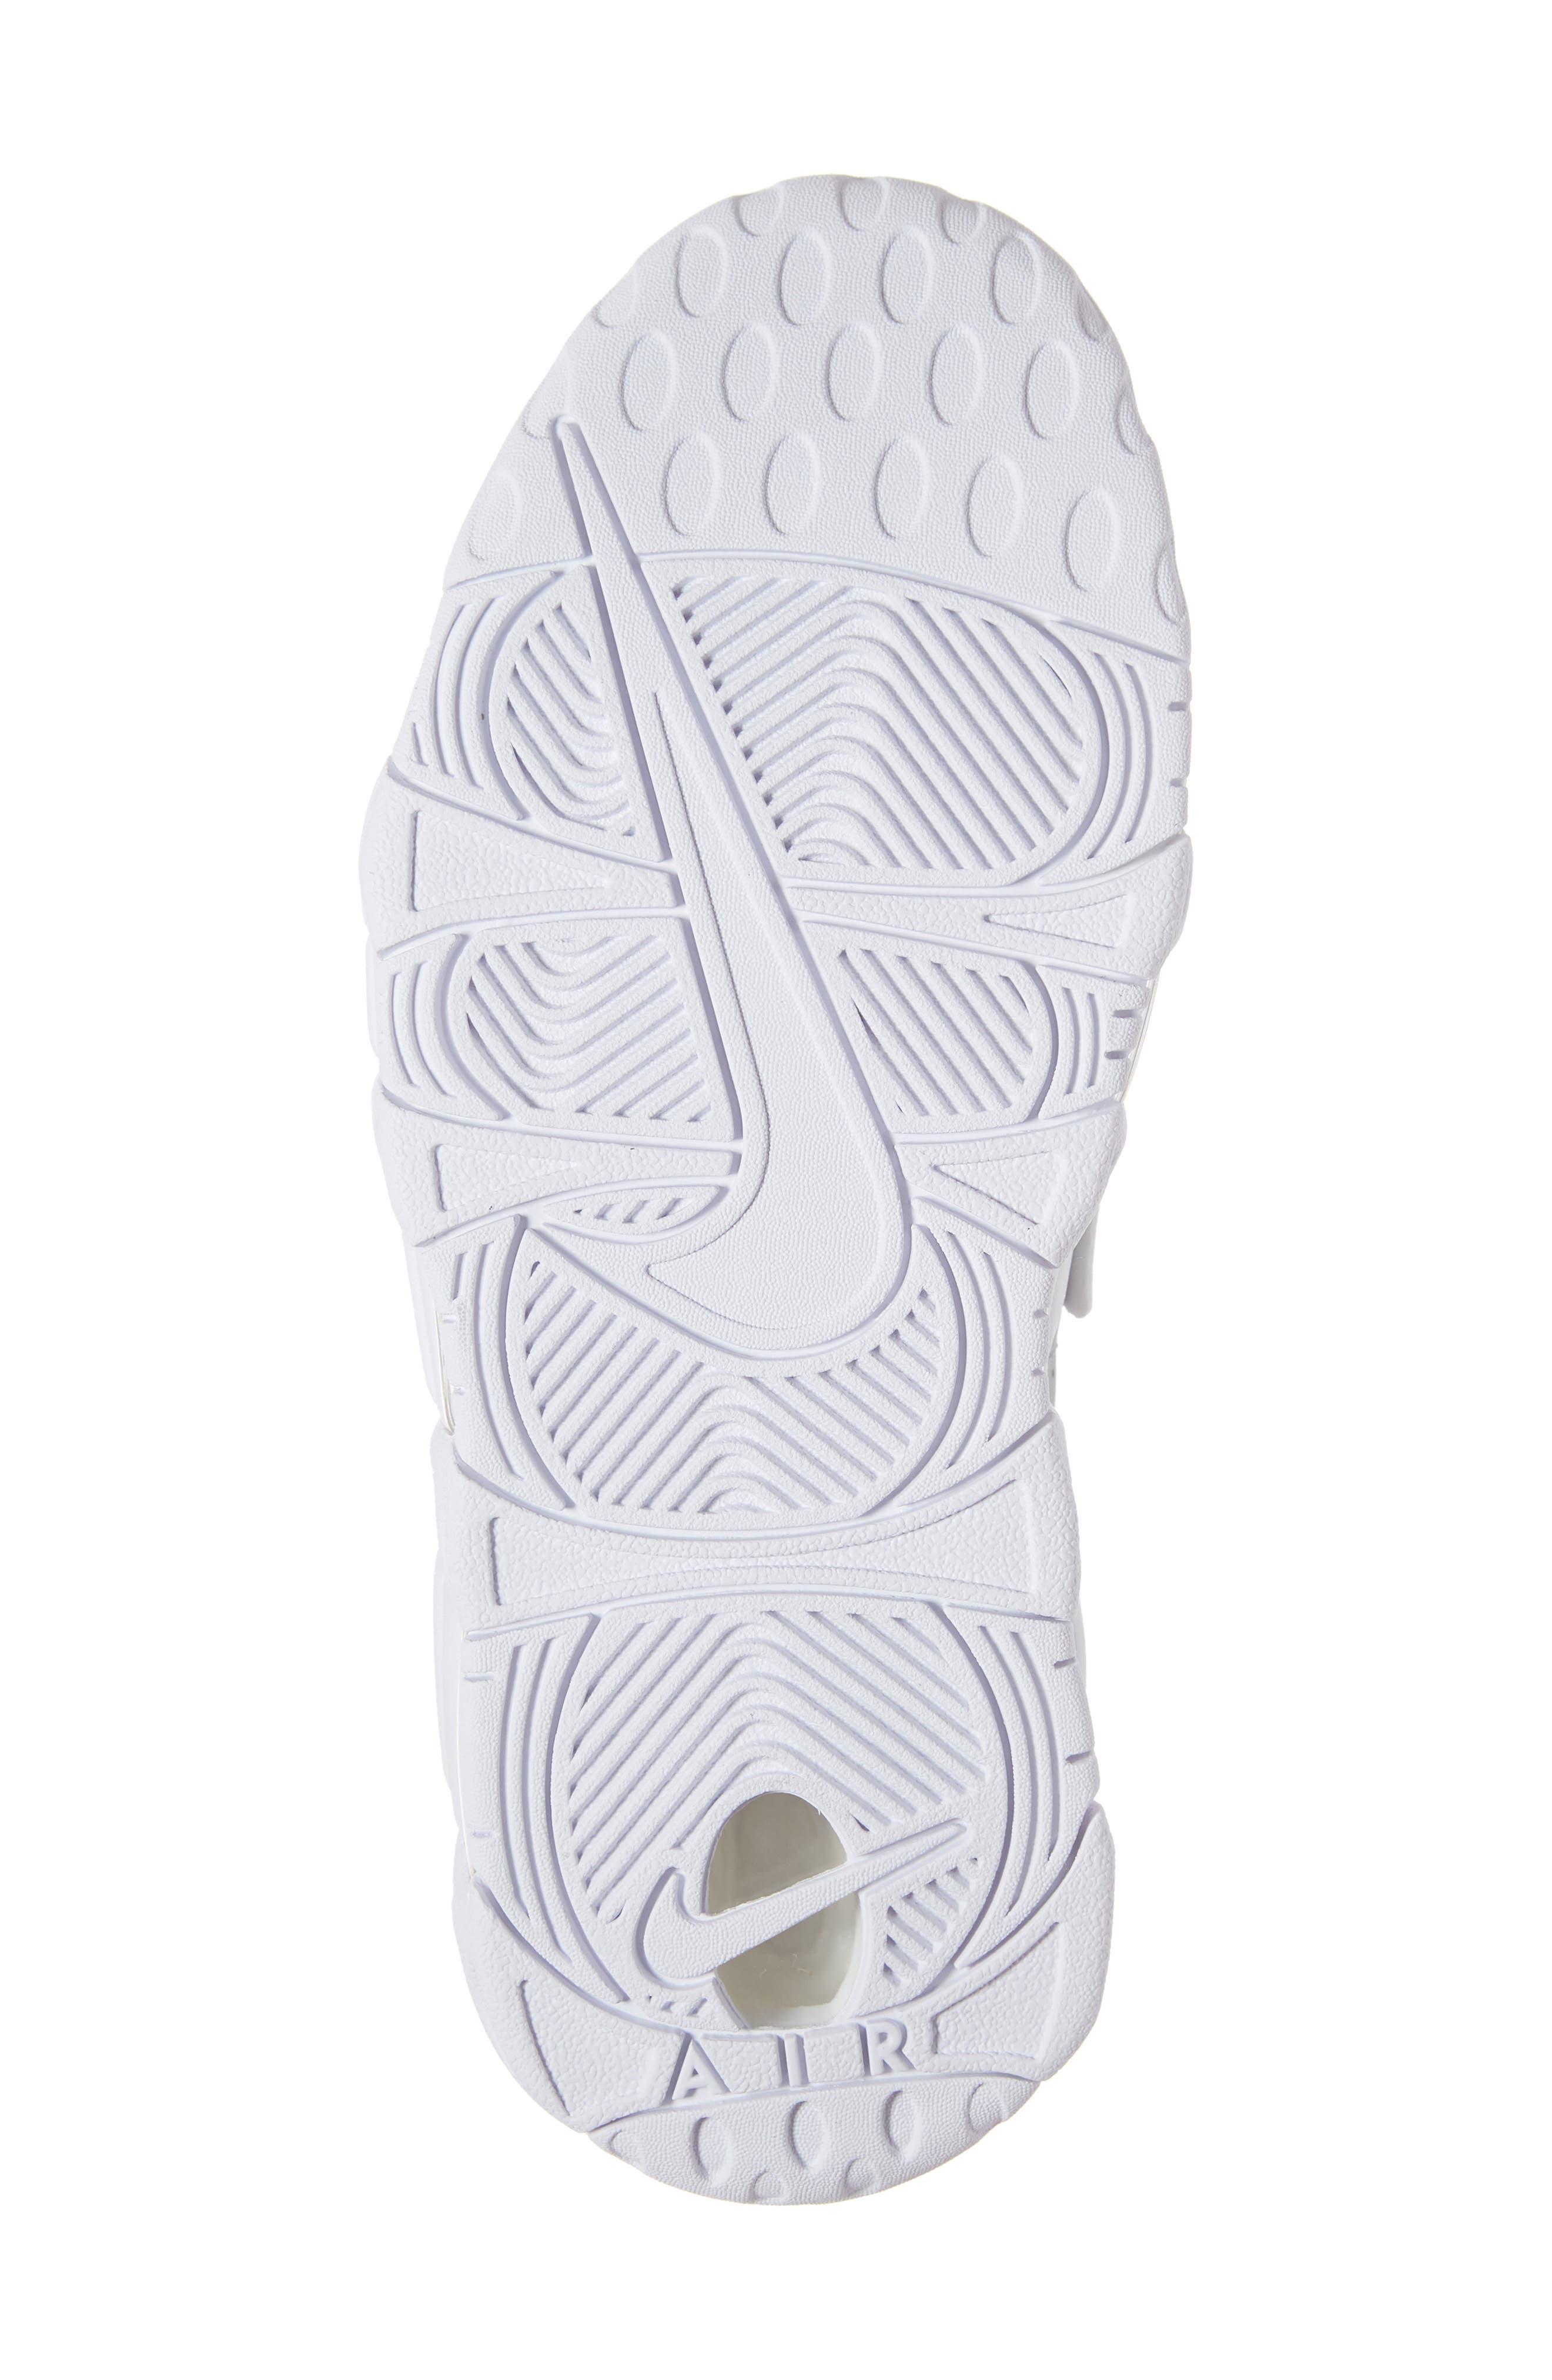 Air More Uptempo Sneaker,                             Alternate thumbnail 6, color,                             METALLIC SILVER